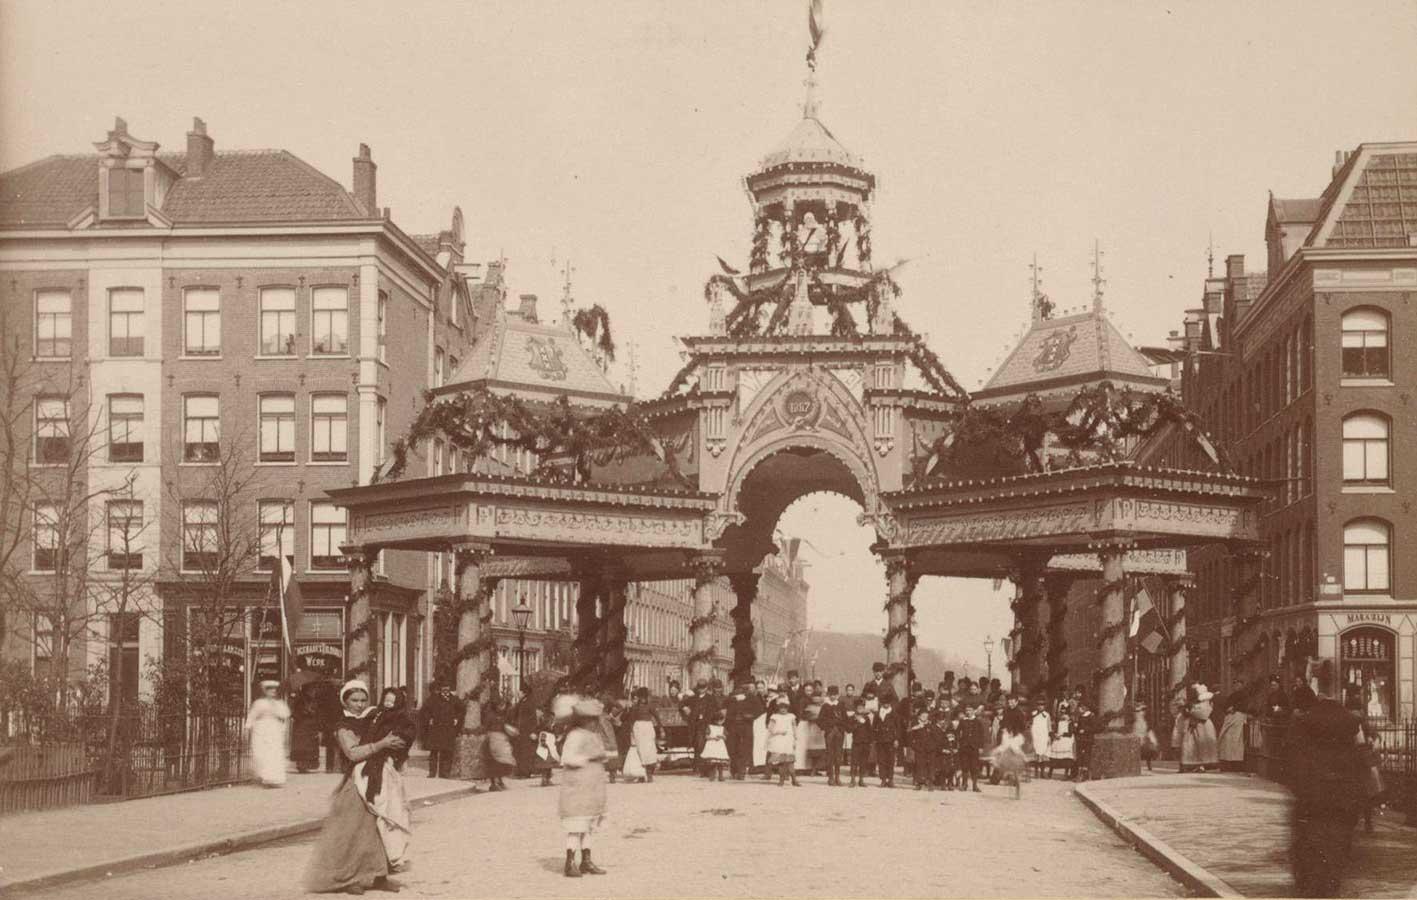 Erepoort op het kruispunt van Commelinstraat en Dapperstraat. Veel mensen poseren voor de poort